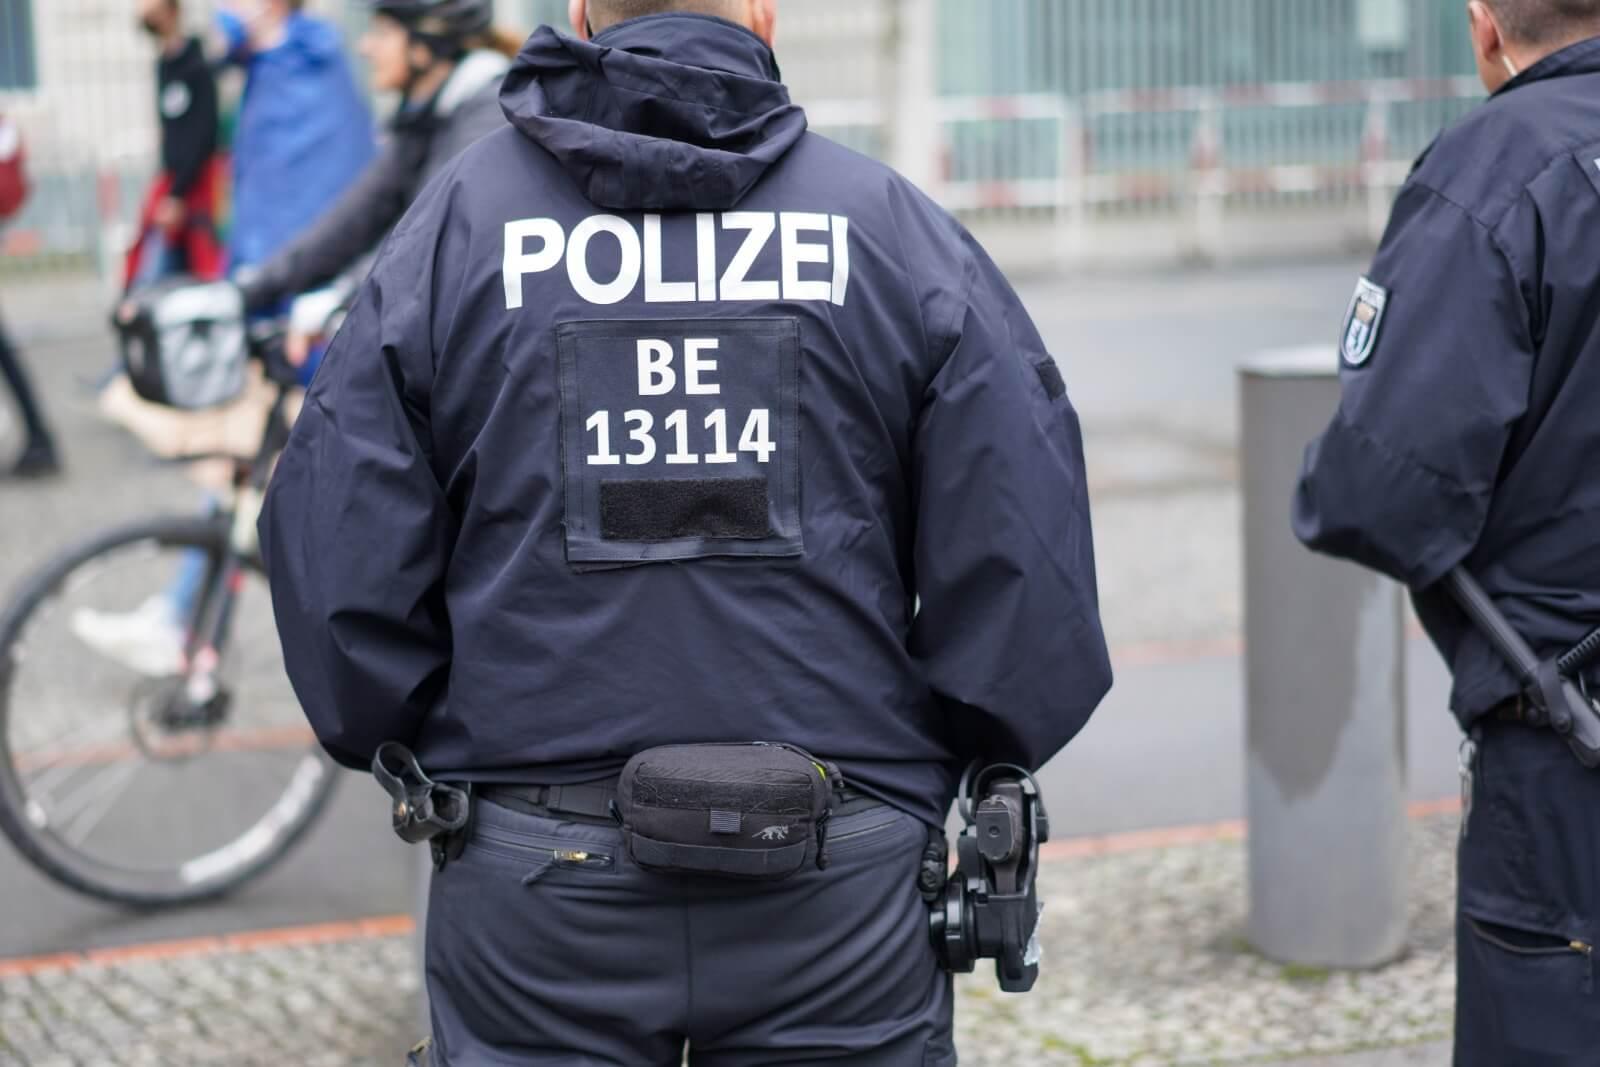 Die Polizei Berlin ruft die Bevölkerung, entgegen einer Behauptung auf Facebook, nicht dazu auf, Corona-Verstöße von Gaststätten zu melden.